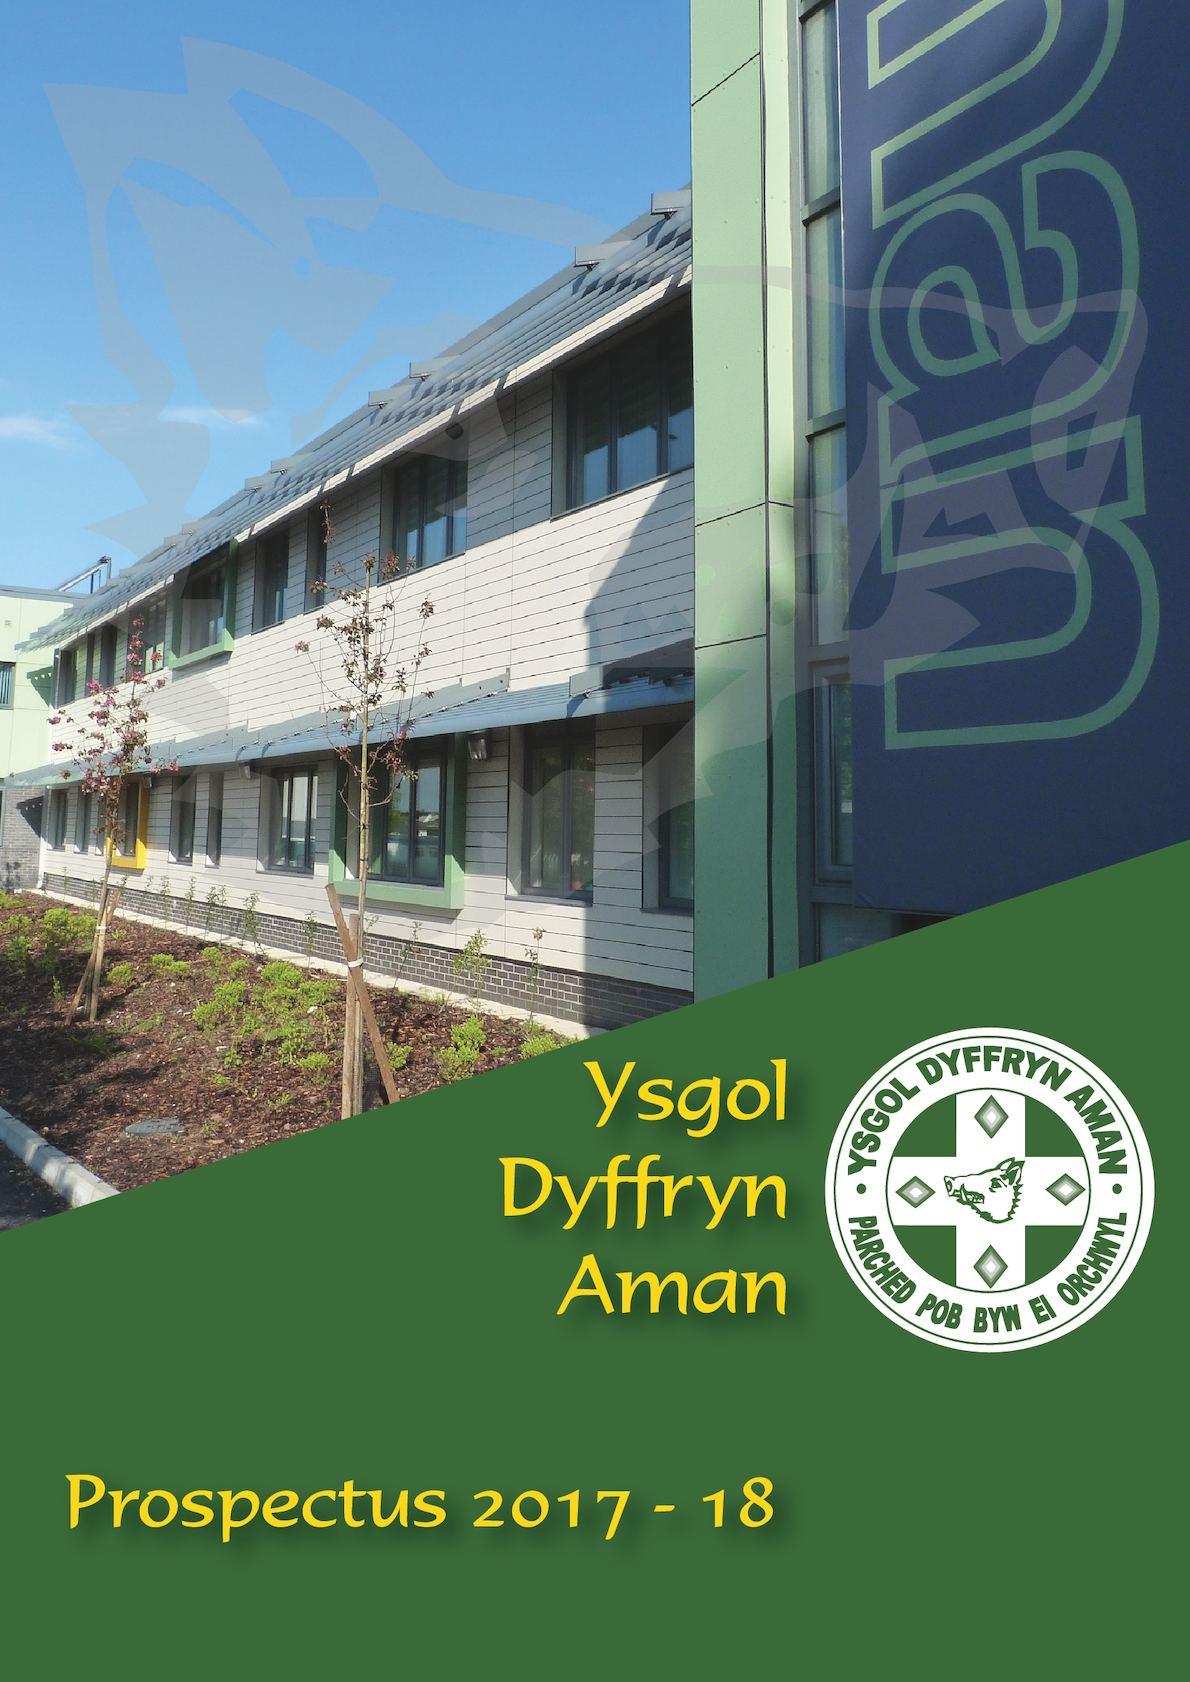 Ysgol Dyffryn Aman - School Prospectus 2016-17